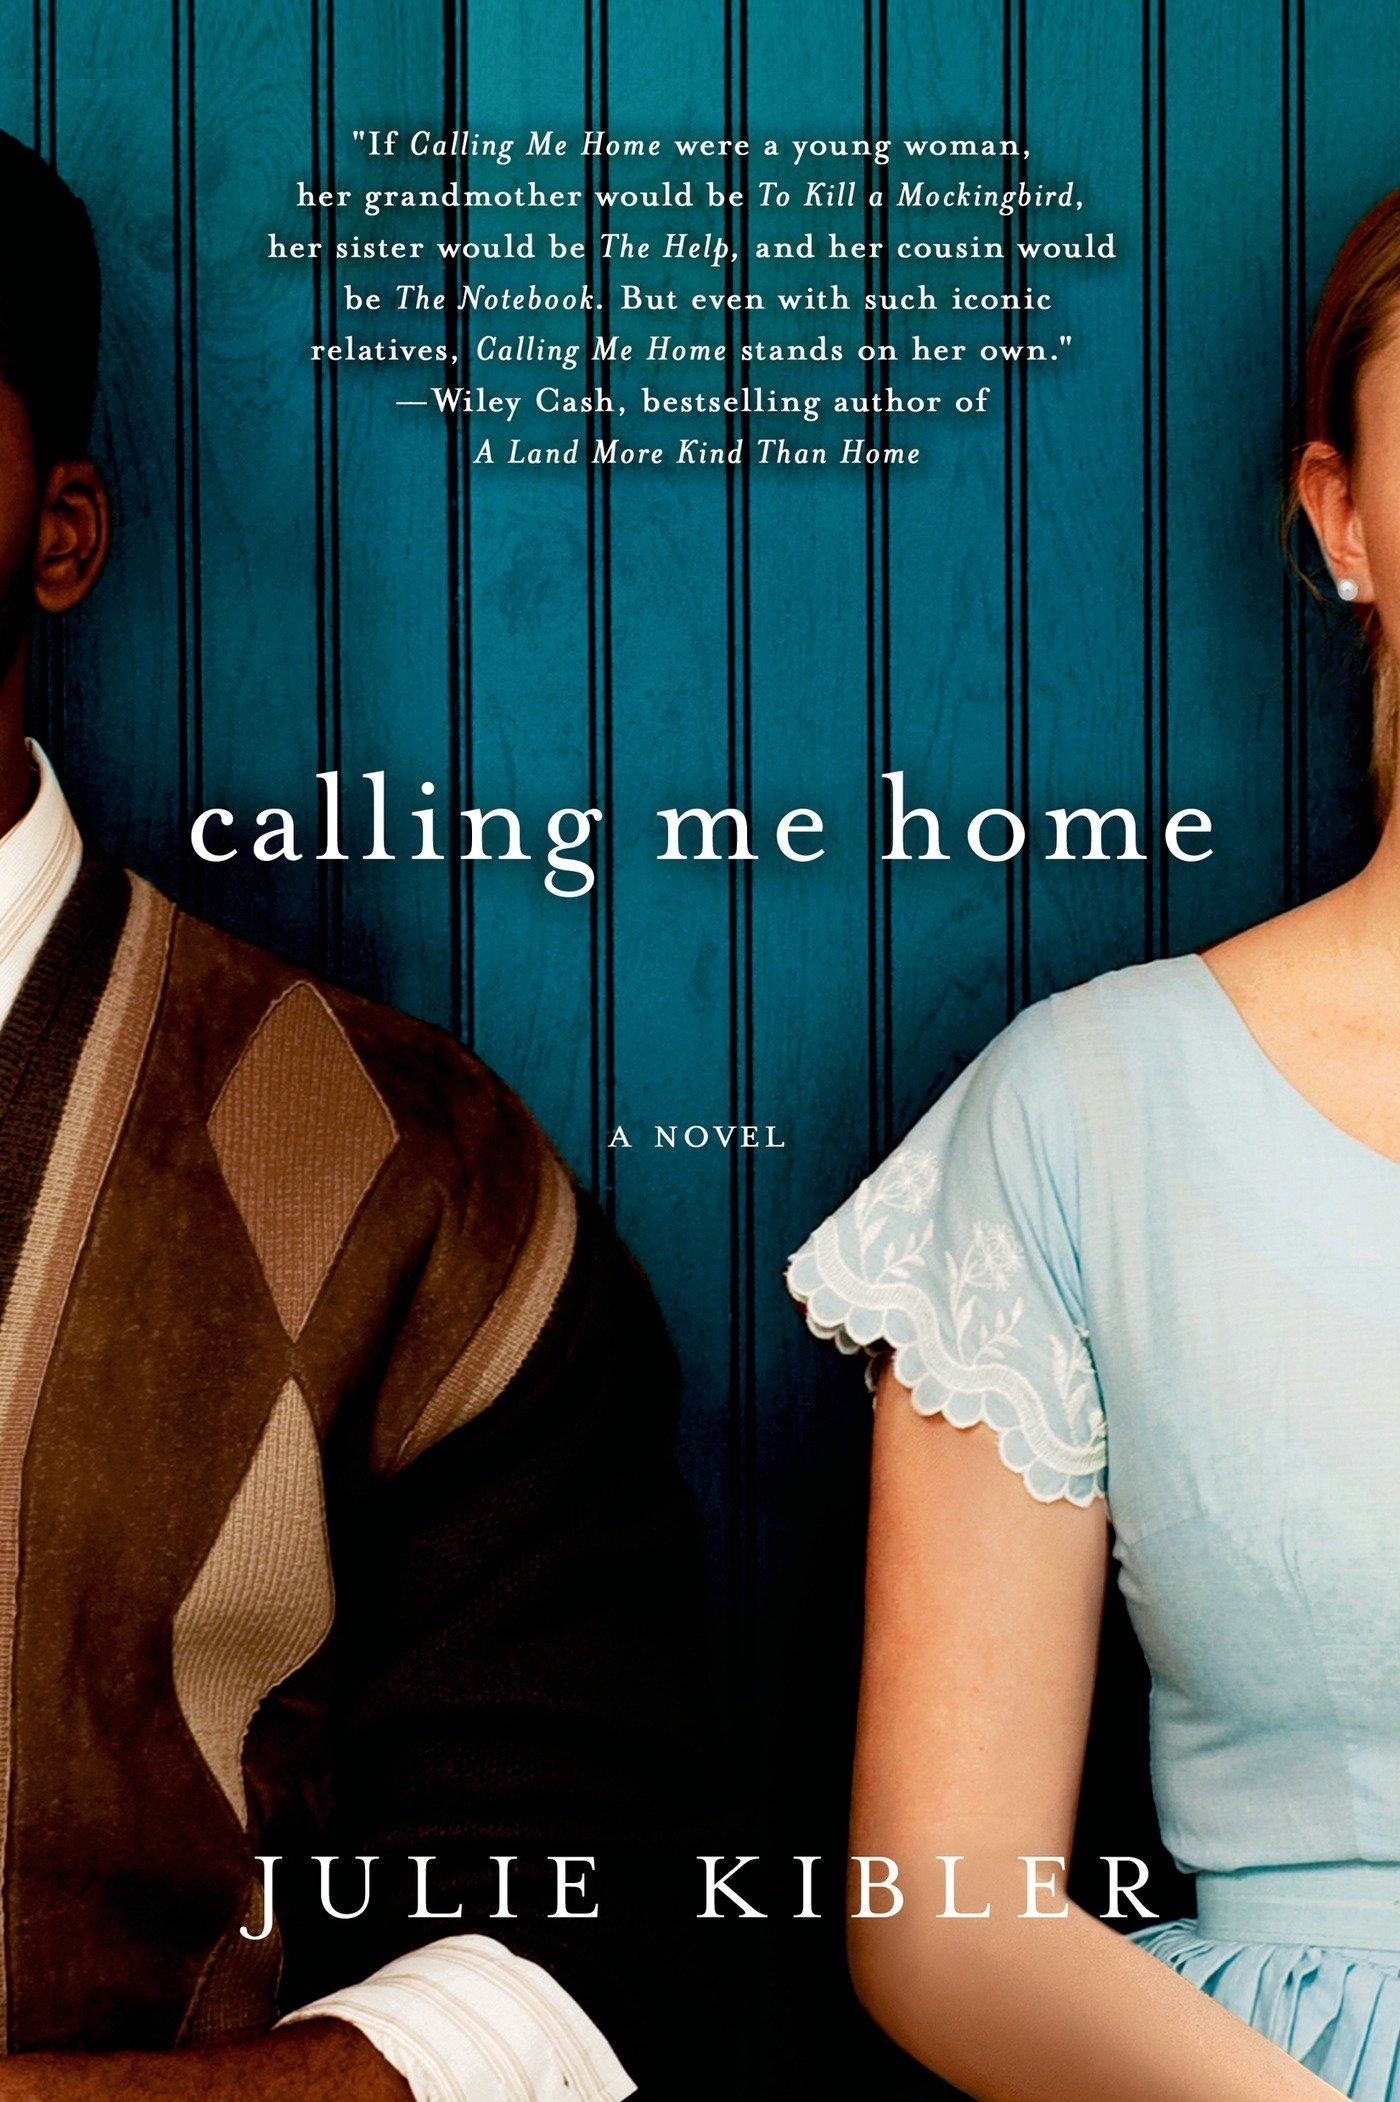 Calling Me Home: A Novel: Julie Kibler: 9781250020437: Amazon: Books